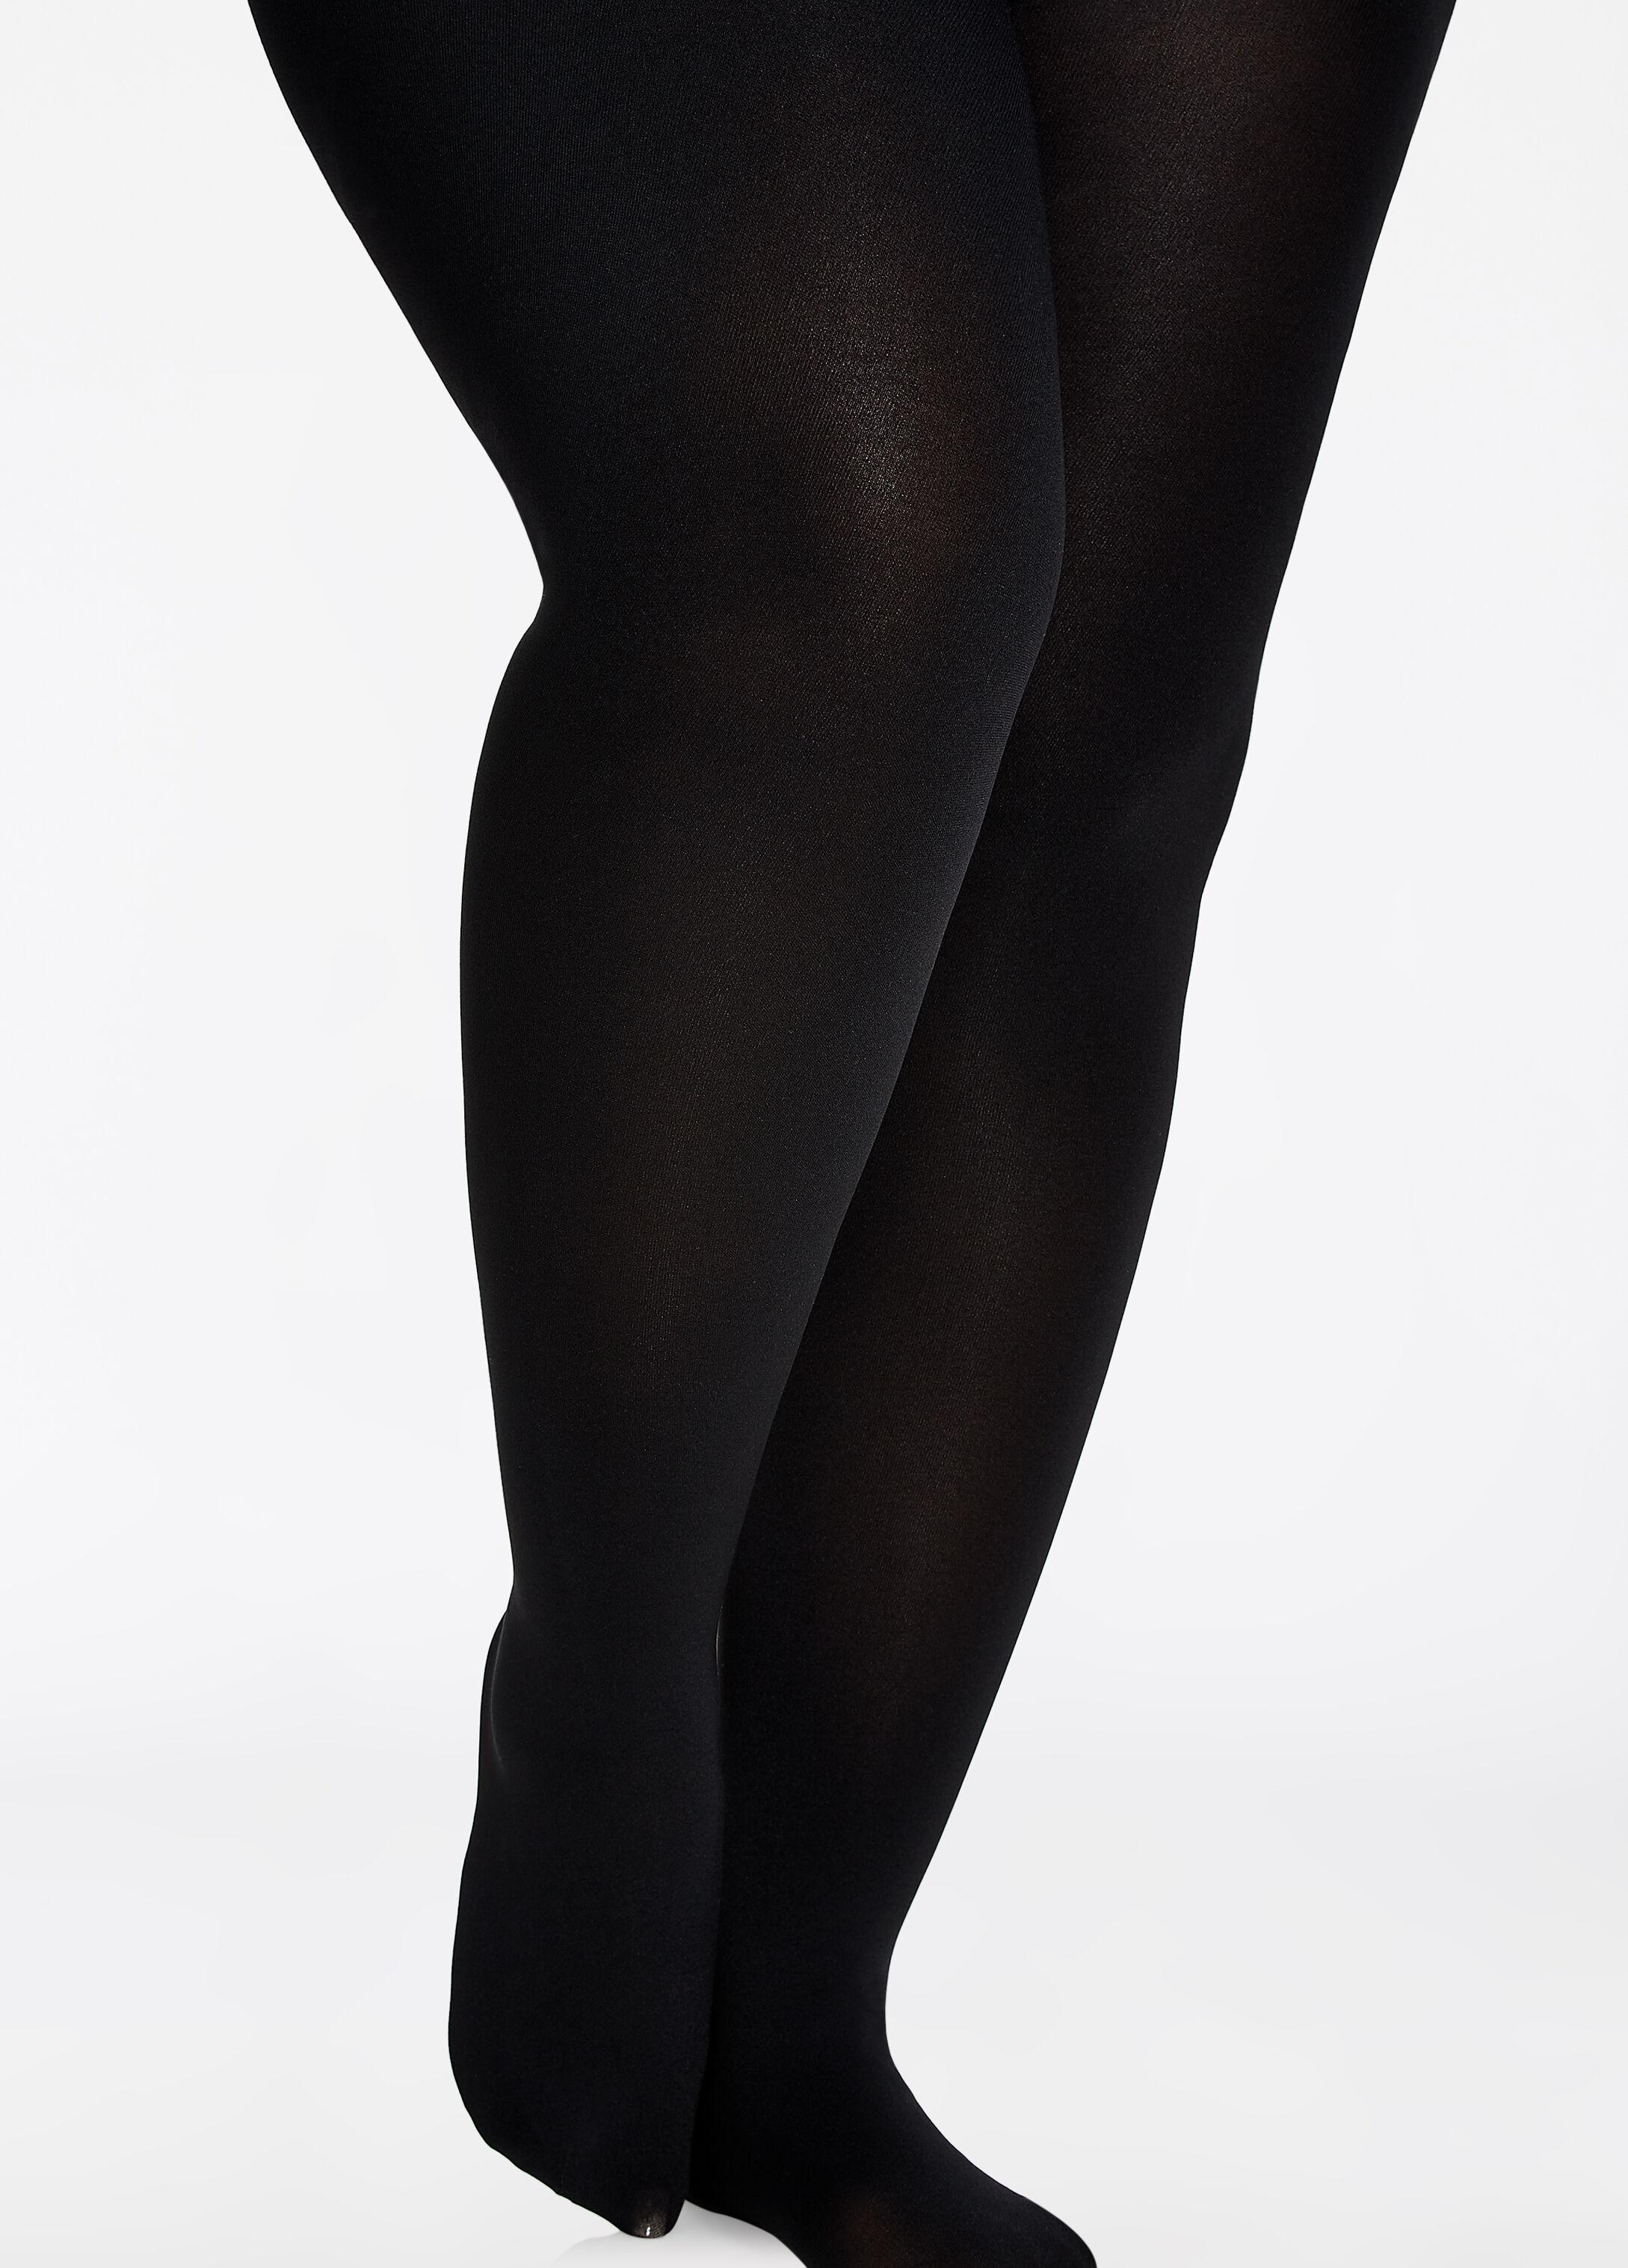 plus size berkshire hosiery, tights, stockings, pantyhose